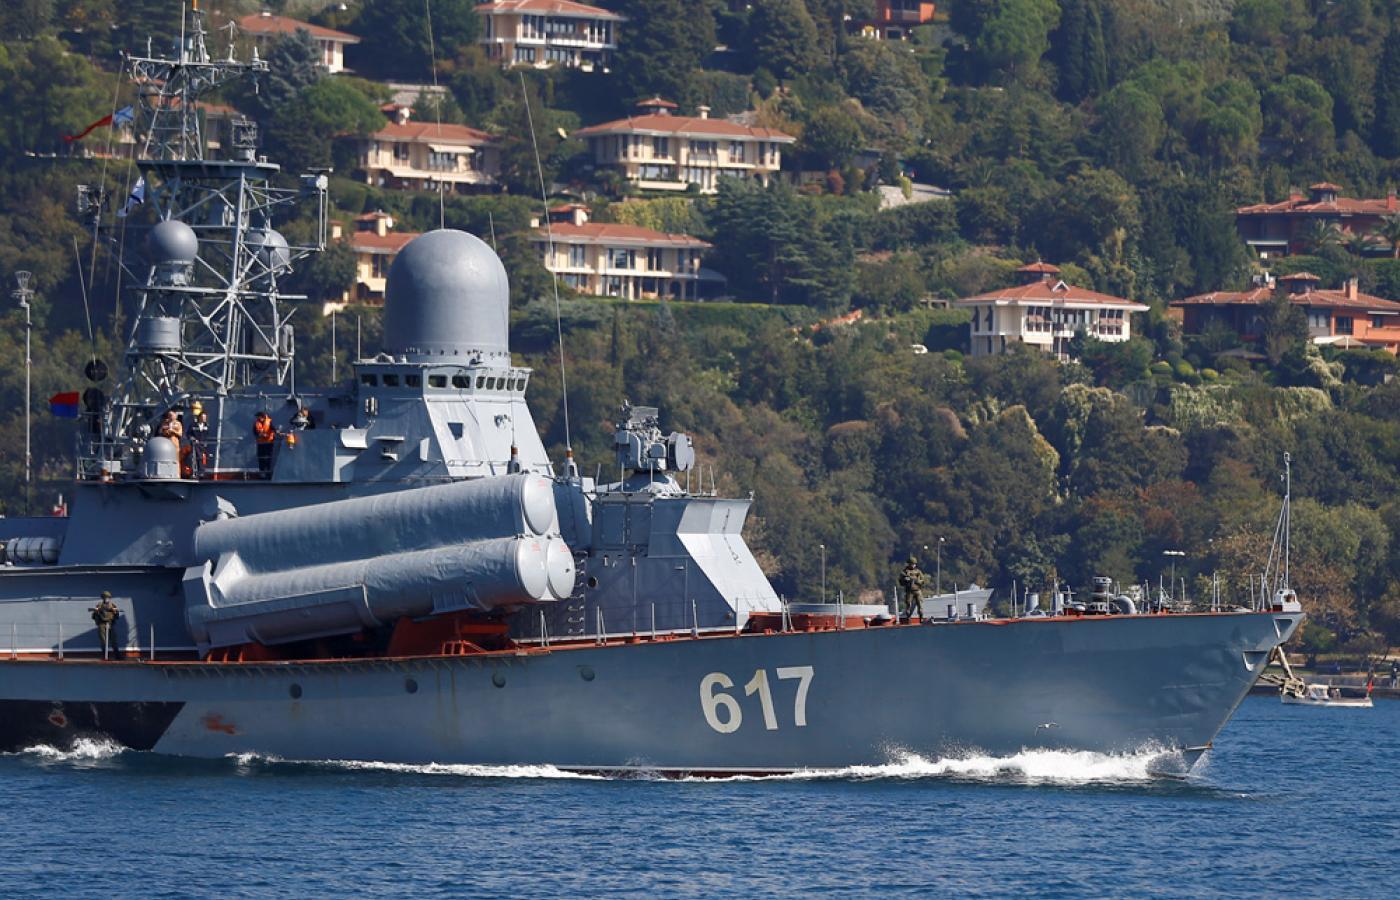 ef2a63bf24d10 Putin rozpycha się militarnie na Bałtyku, wykorzystując uśpioną ...